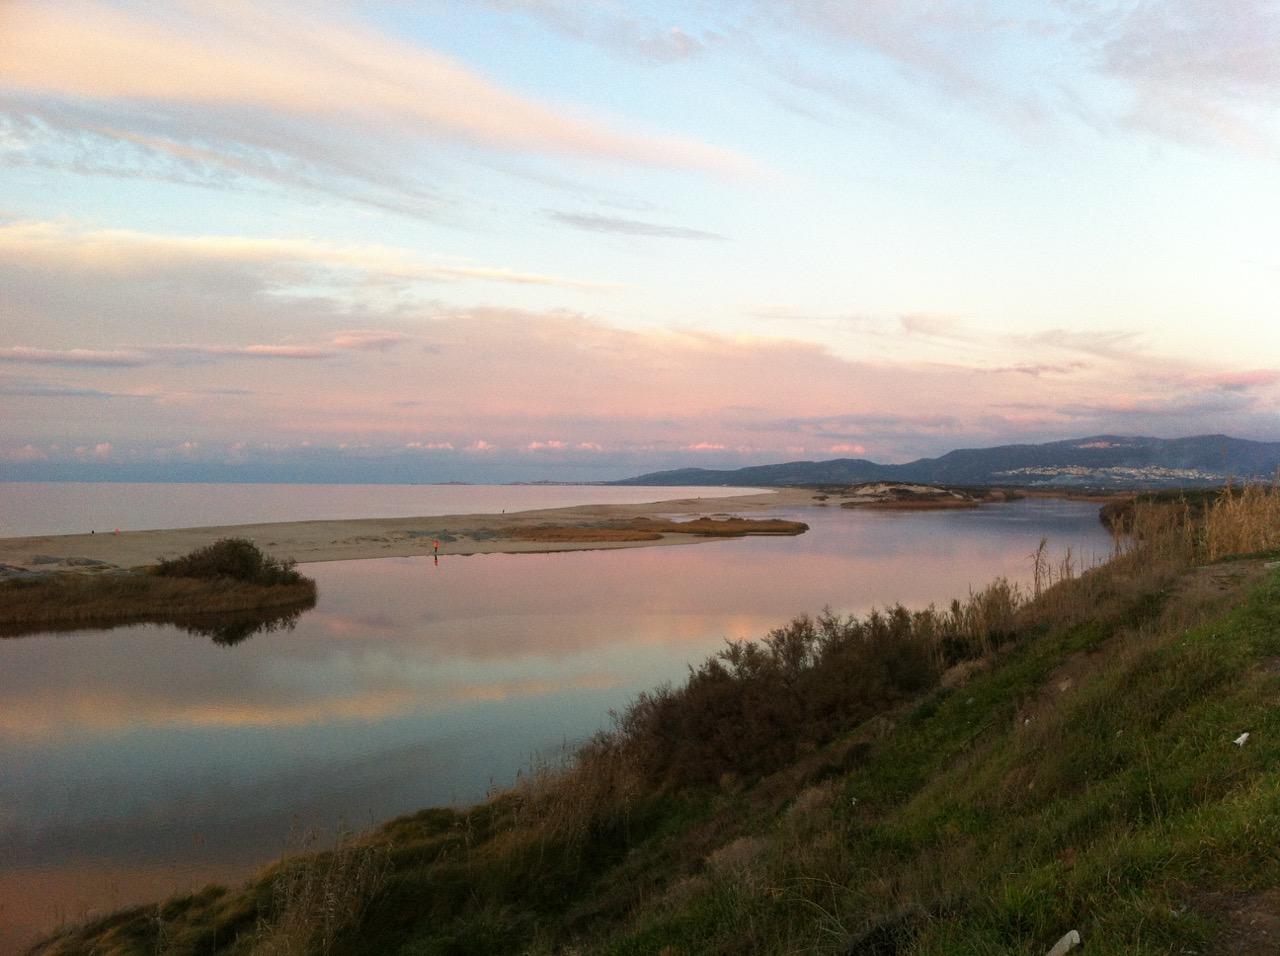 Die Flussmündung Foce del Coghinas an einem Januar-Abend